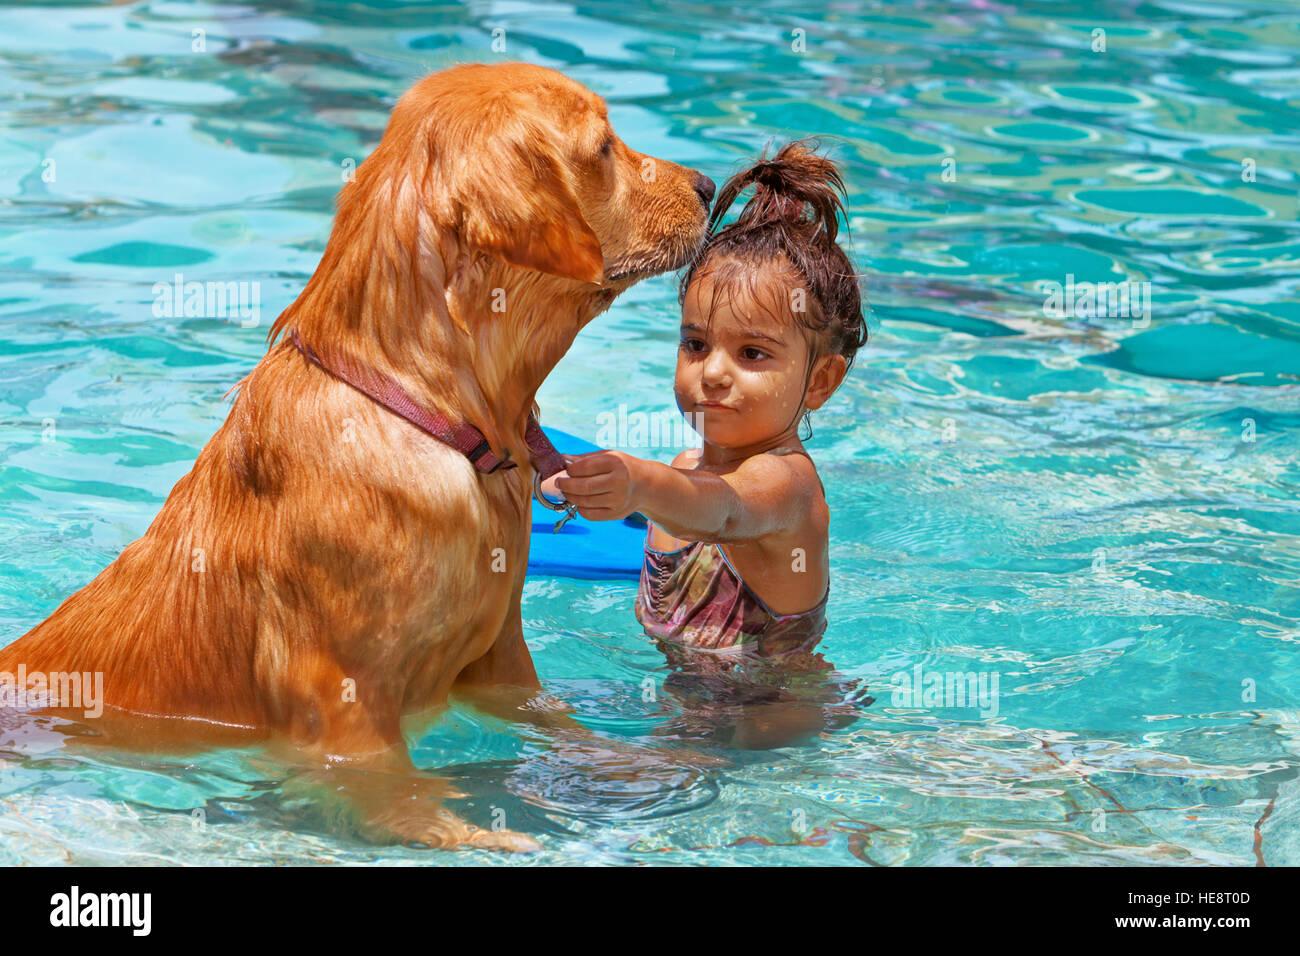 Funny photo de petit bébé natation en piscine extérieure, jouer avec retriever puppy. Sports d'eau Photo Stock